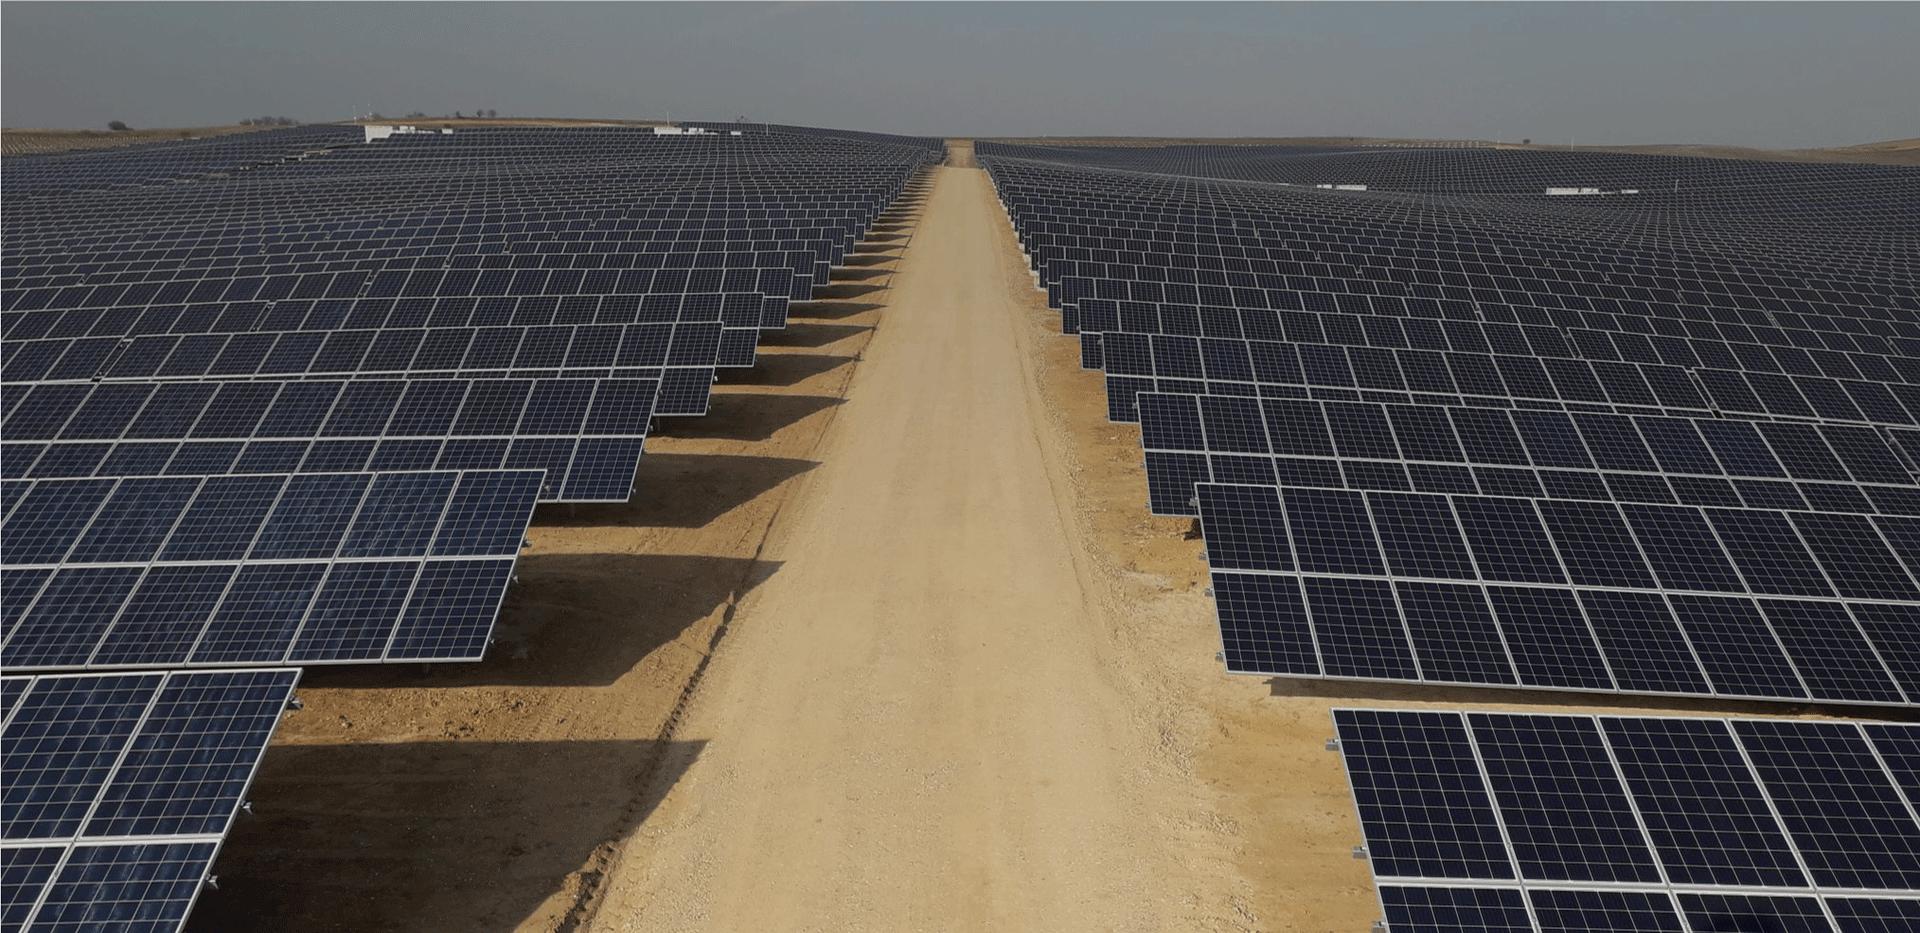 parque-fotovoltaico-solaer